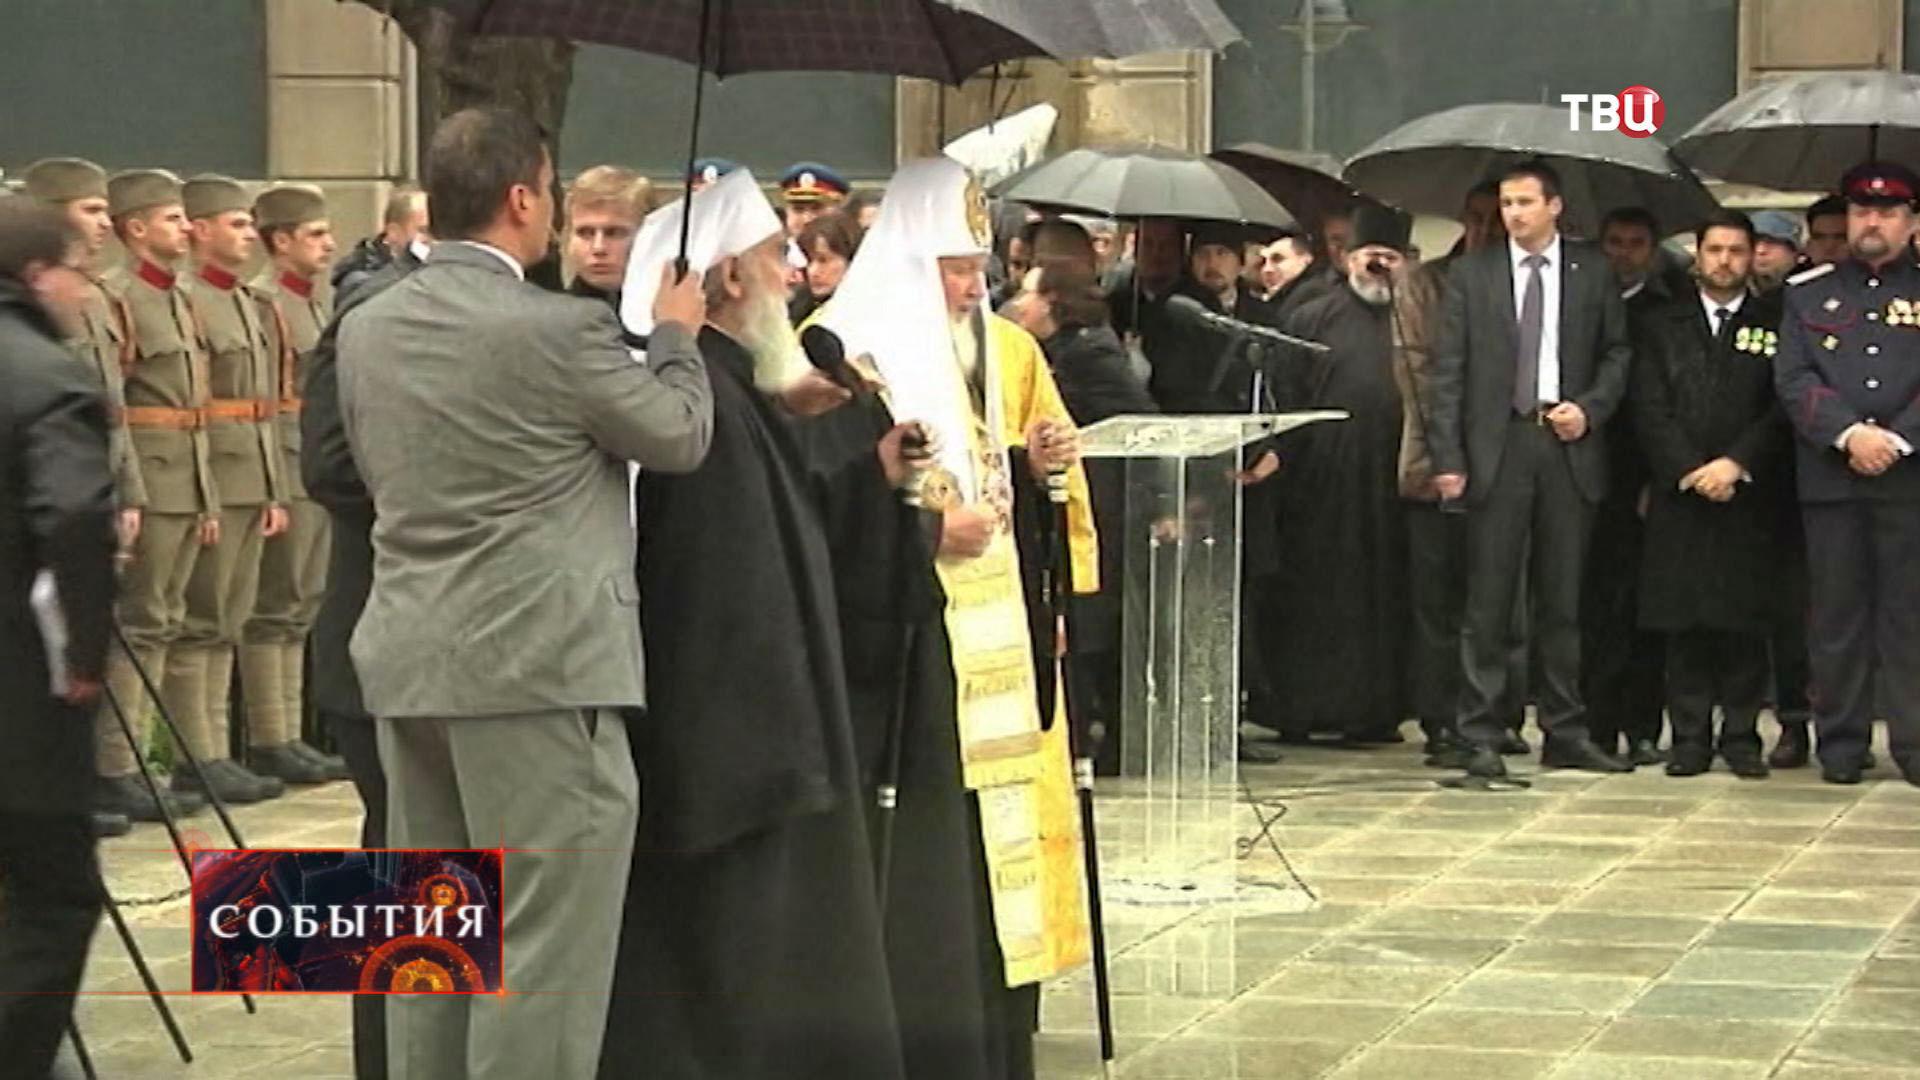 Главы Русской и Сербской Православных церквей освещают памятник Николаю II